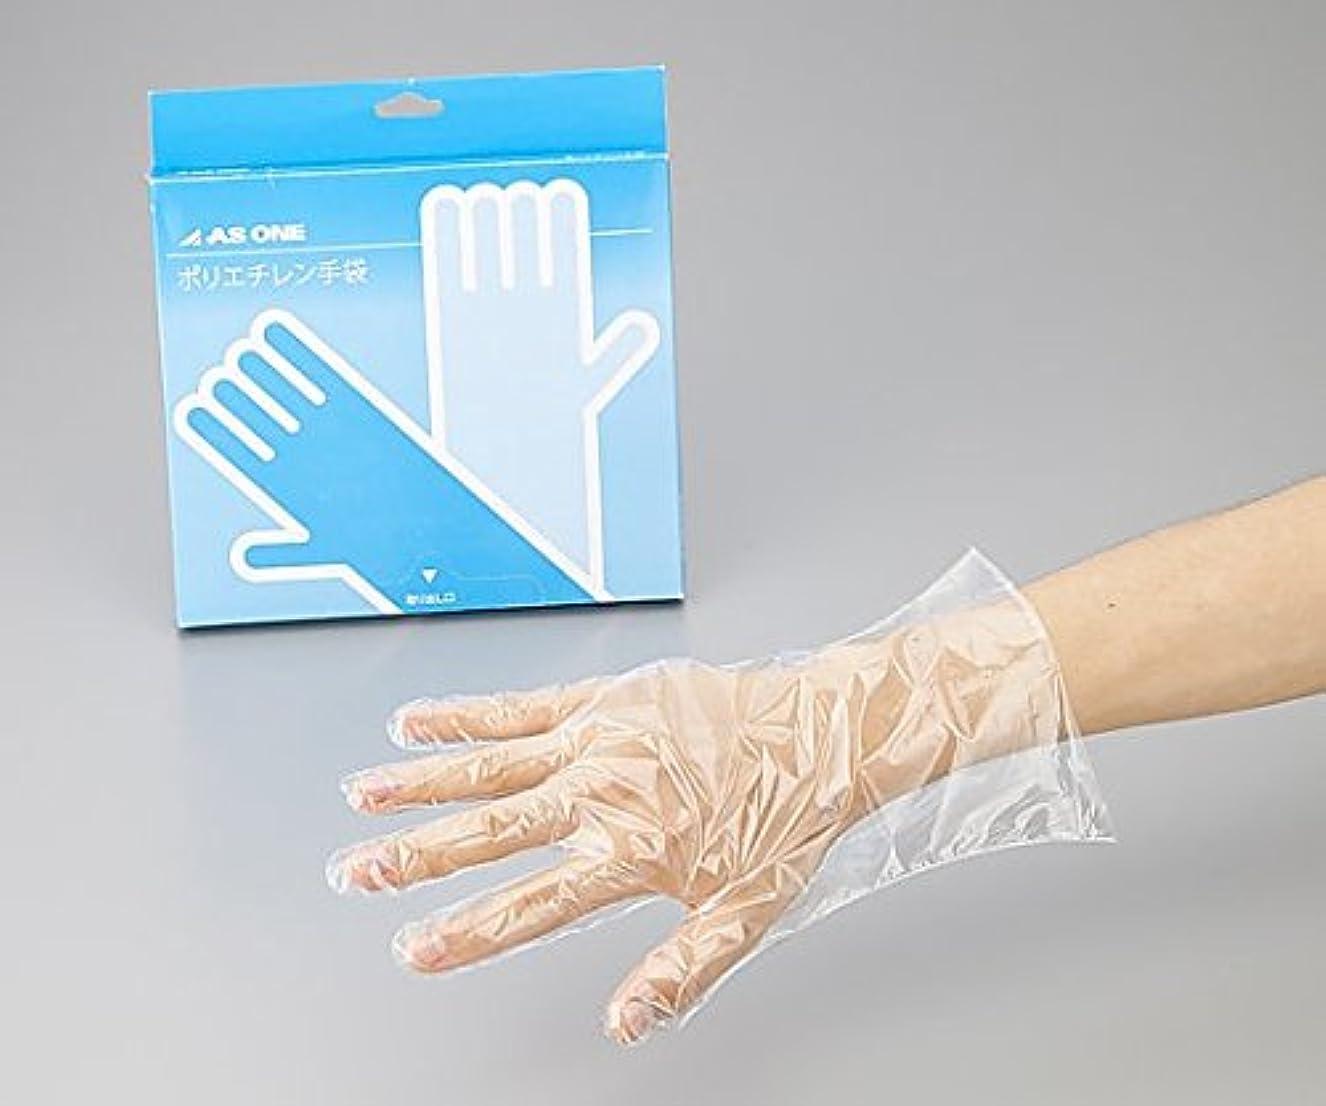 挽く当社コミュニティアズワン2-4974-03ポリエチレン手袋ヘビー厚手S100枚入